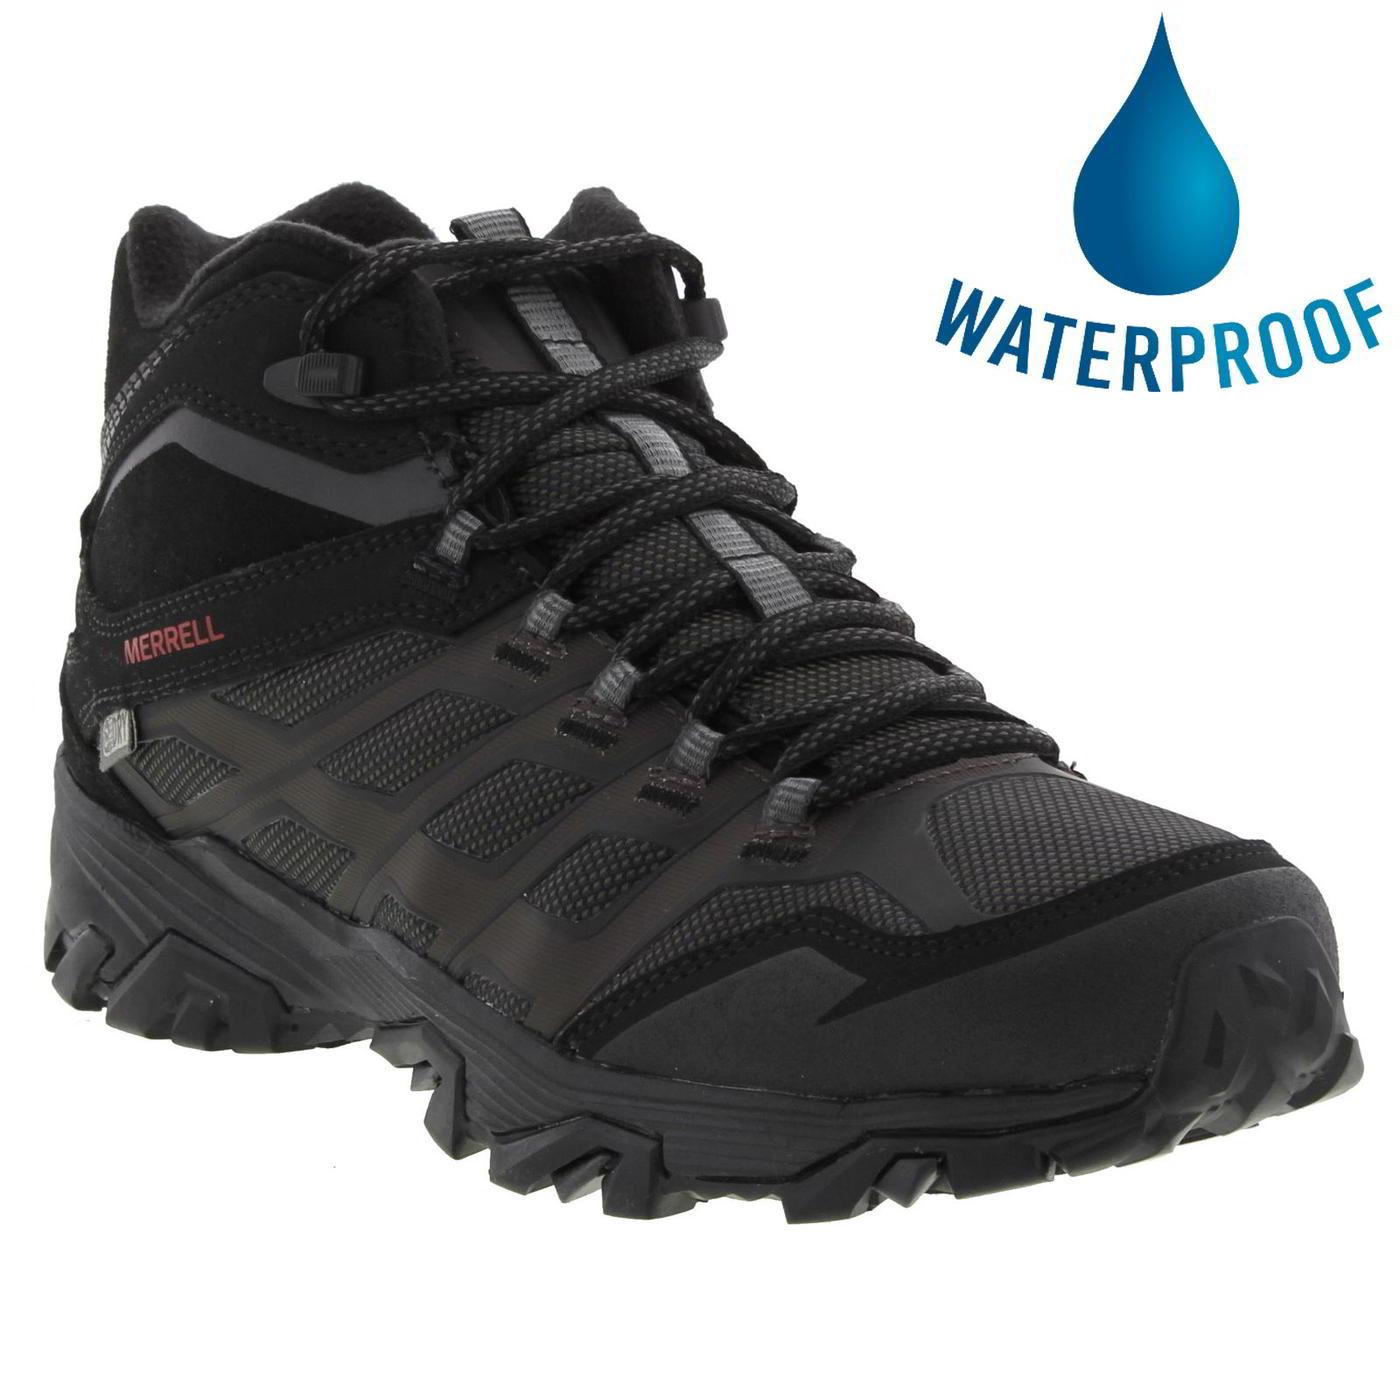 is the merrell moab fst waterproof case